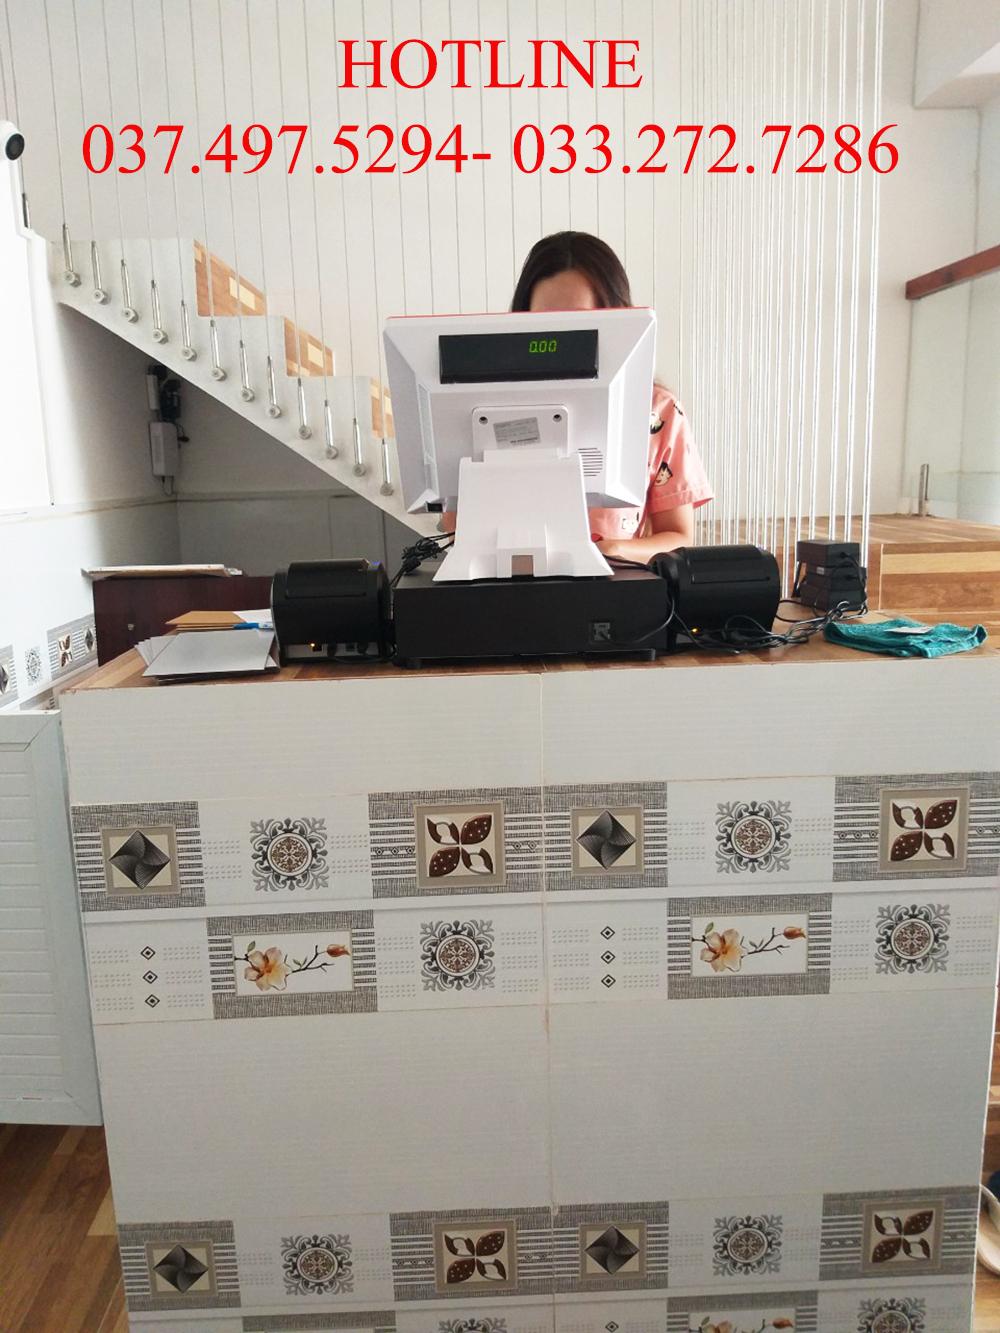 4 Lắp đặt bộ máy tính tiền cho quán lẩu nướng